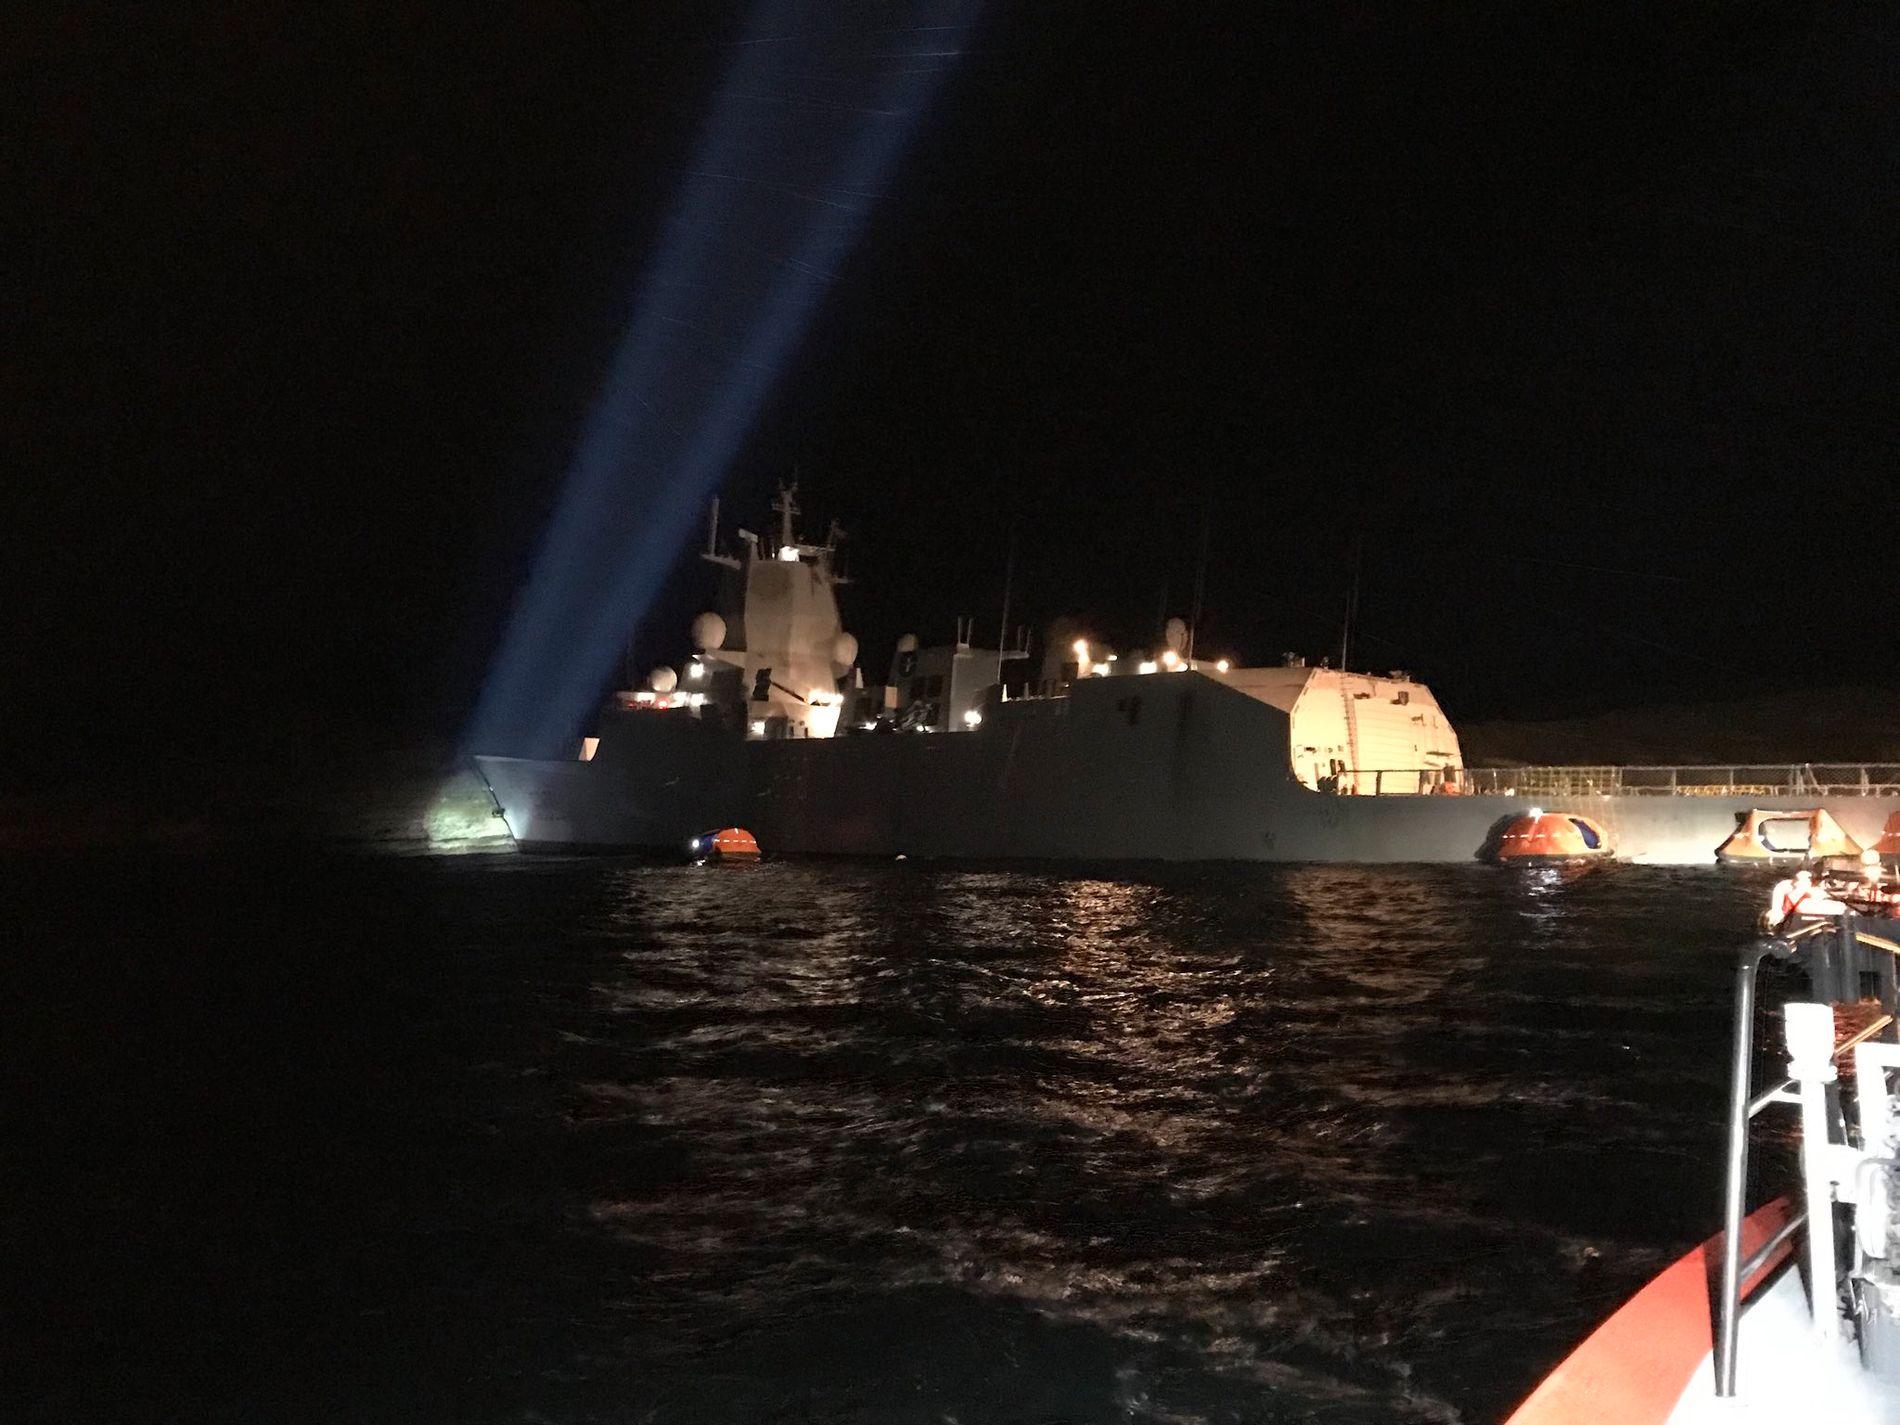 EVAKUERING: Alle som var om bord på KNM «Helge Ingstad» ble evakuert. Dette bildet ble tatt av redningsskøyten K.G. Jebsen, som deltok i dette arbeidet.